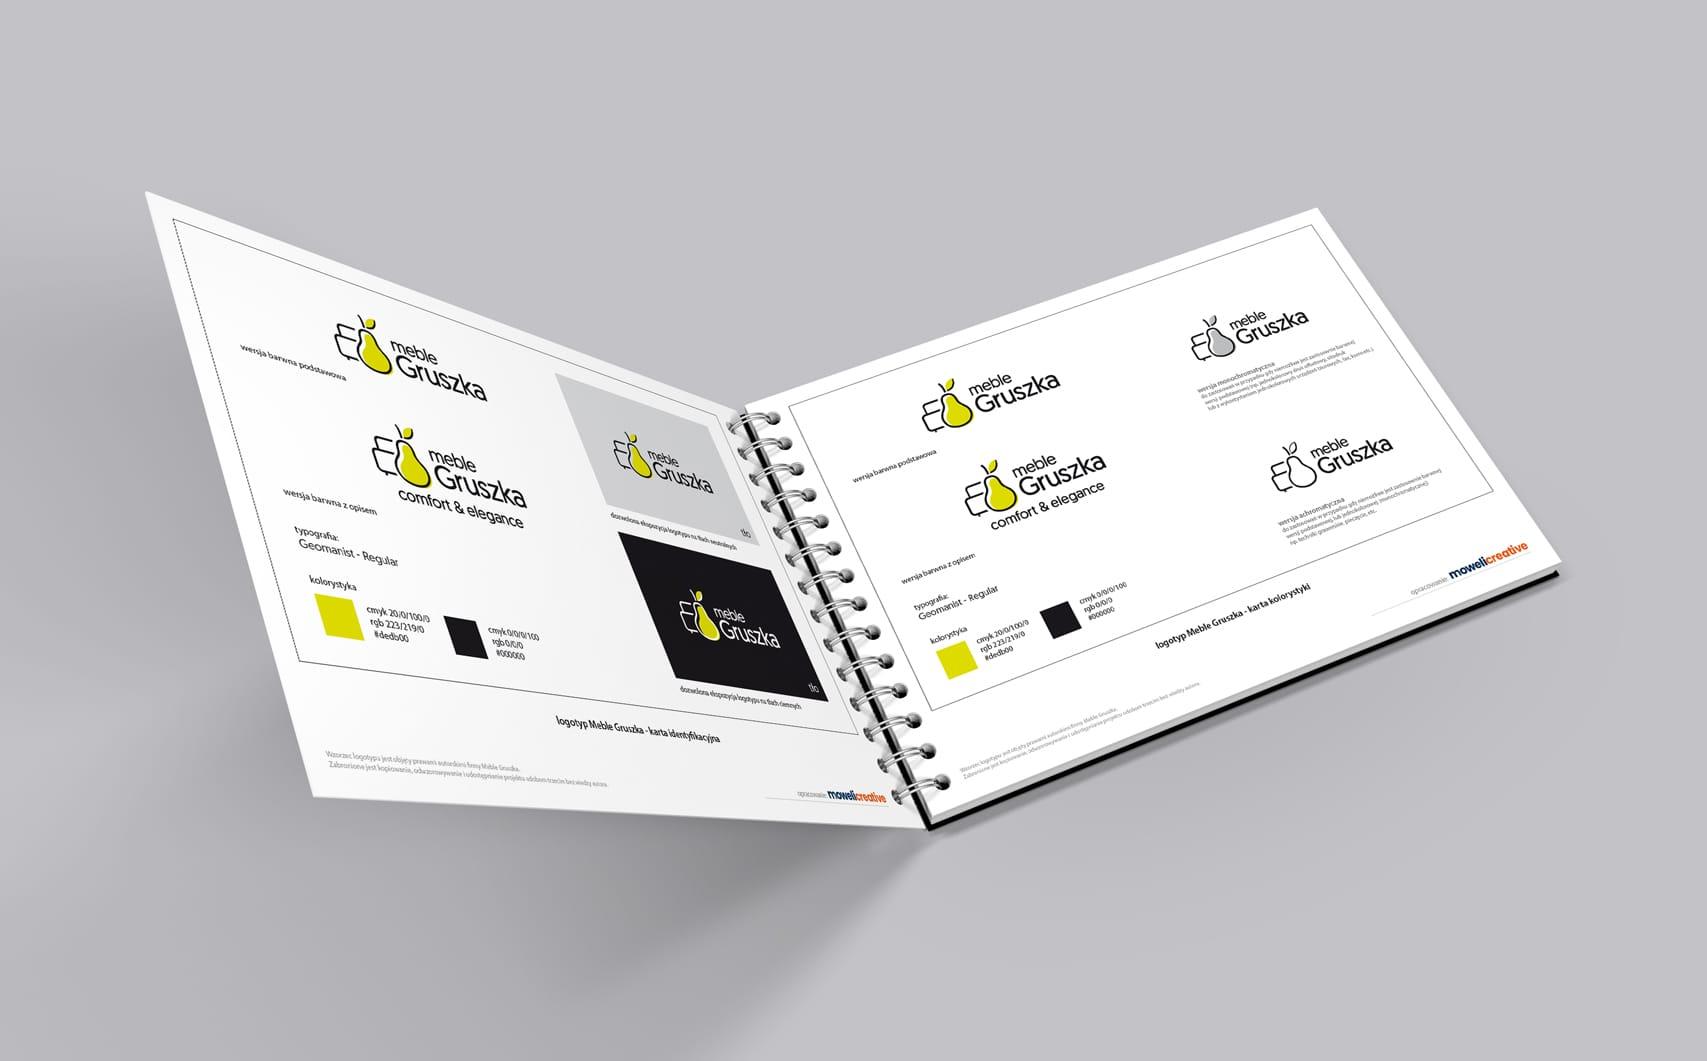 Projektowanie identyfikacji wizualnej dla fabryki mebli Gruszka księi znaku rebranding logo akcydensy firmowe Agencja brandingowa Moweli Creative Warszawa Kraków Wrocław